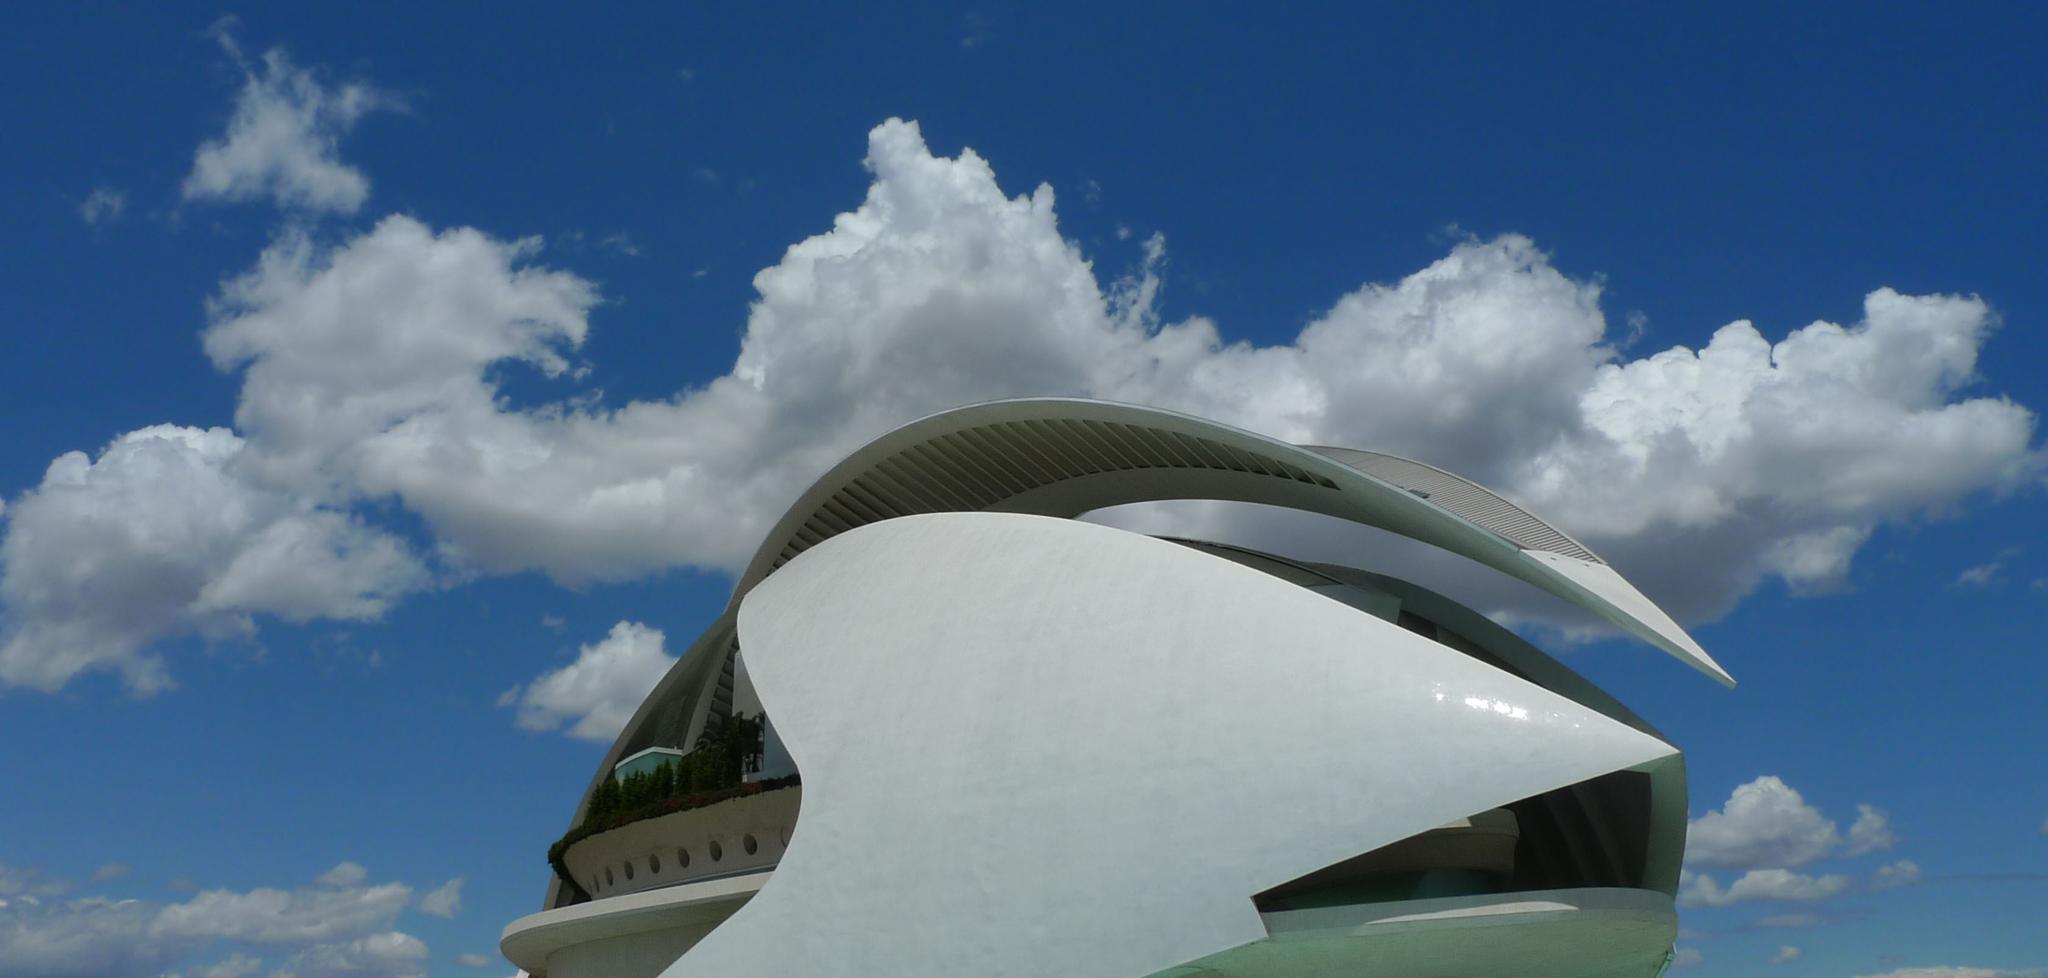 Ciutat de les Arts i les Ciències. València by bescosx